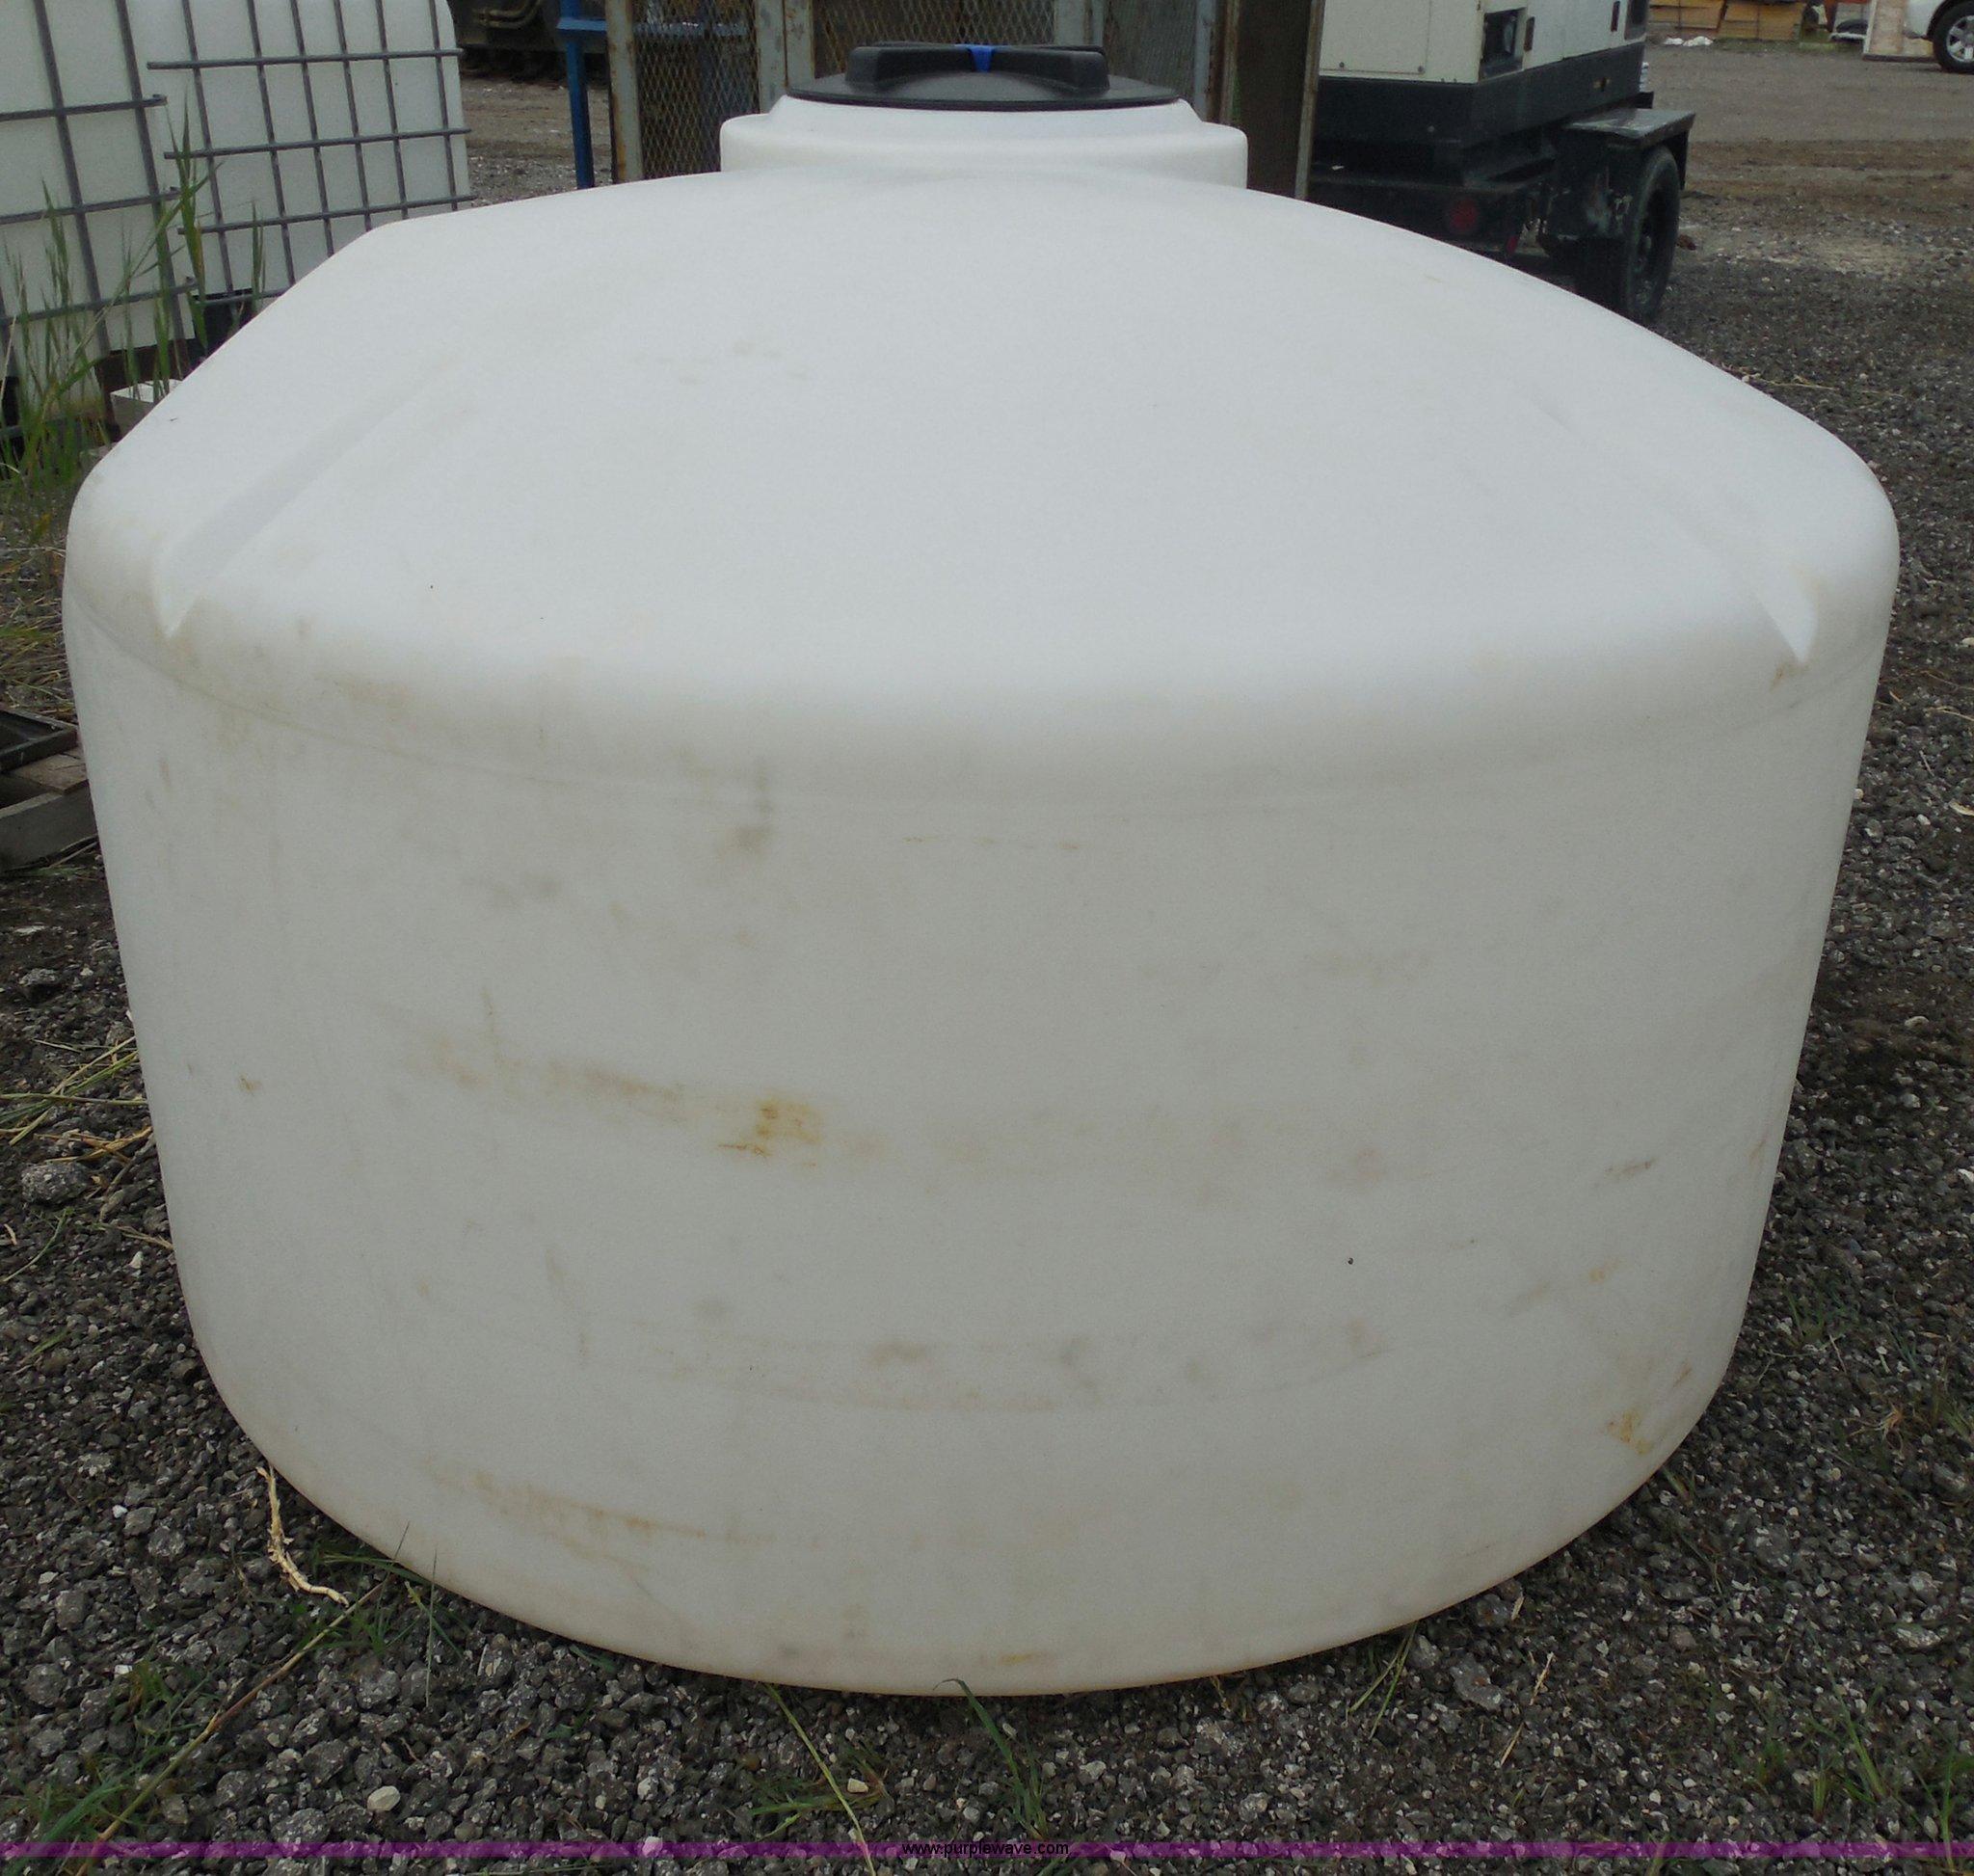 550 gallon water tank | Item G8649 | SOLD! August 21 Vista D